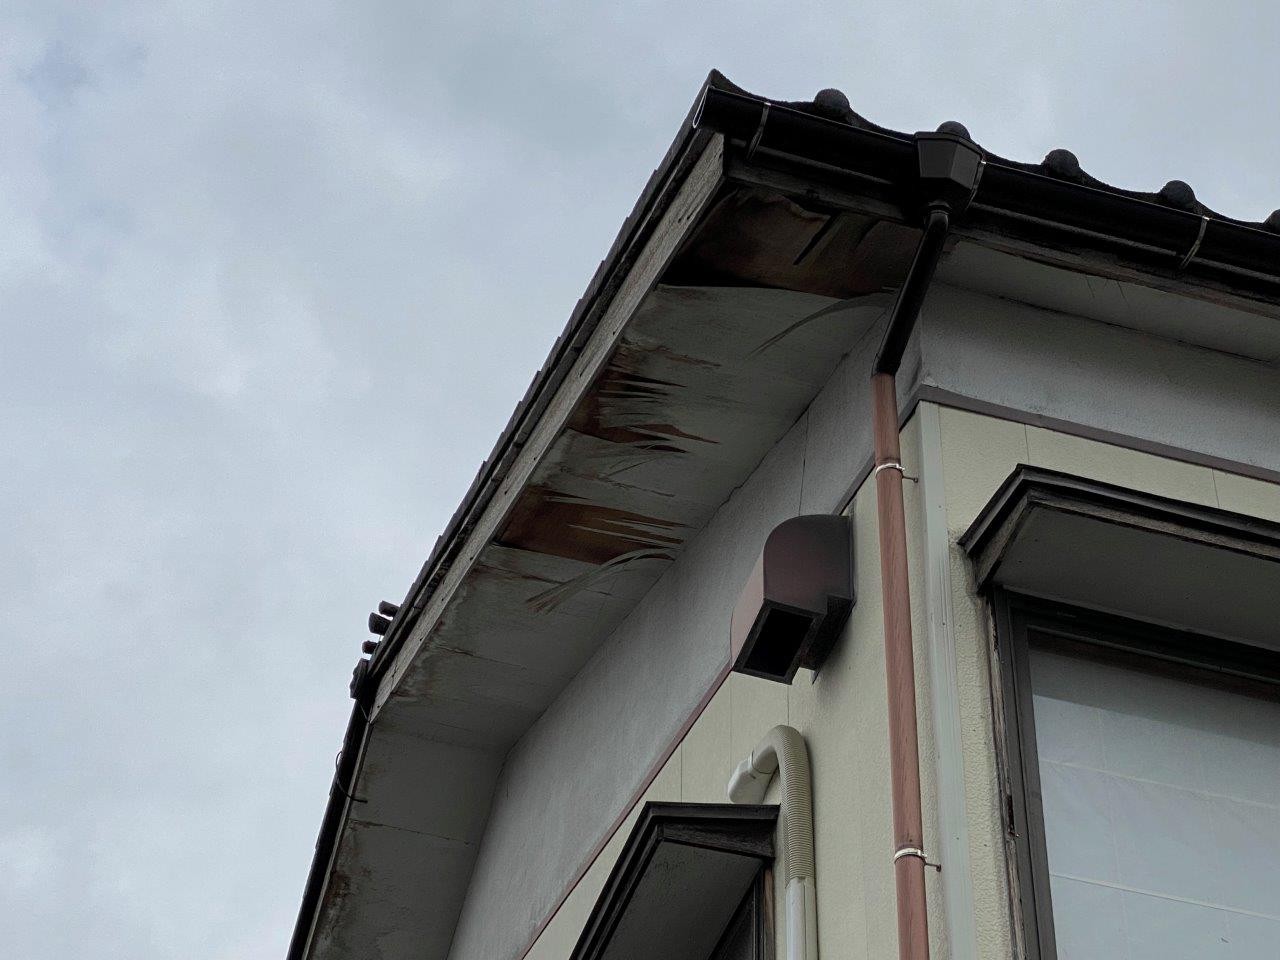 新潟市西区にて軒天の剥がれで現地調査を行いました